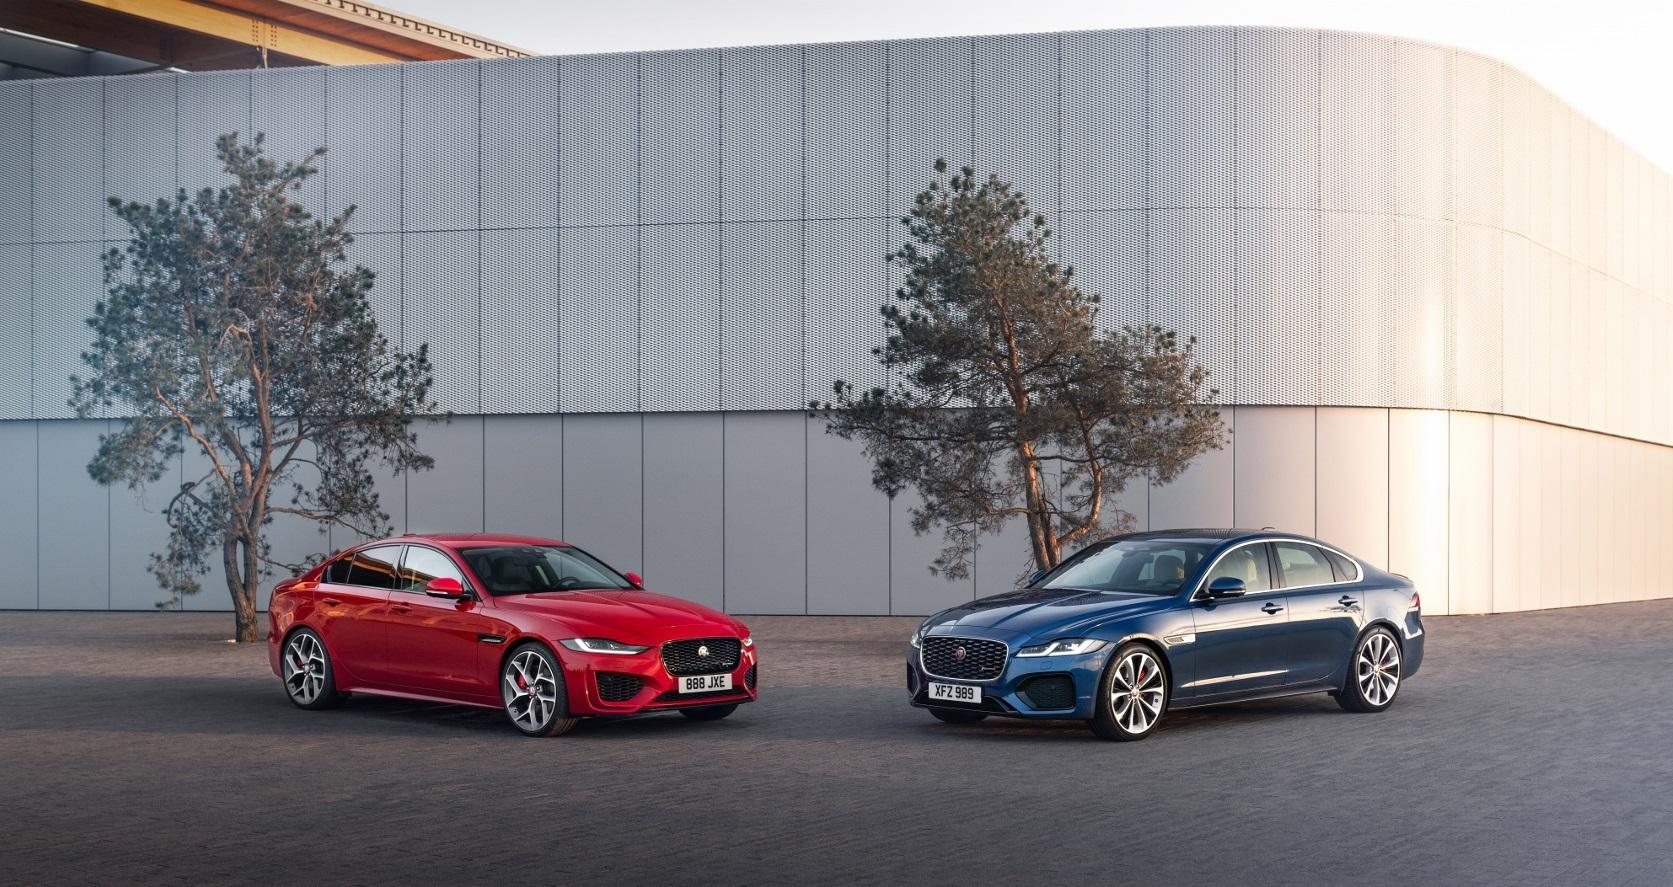 Jaguar modernizoval modely XF a XE. Cenu stlačil dole